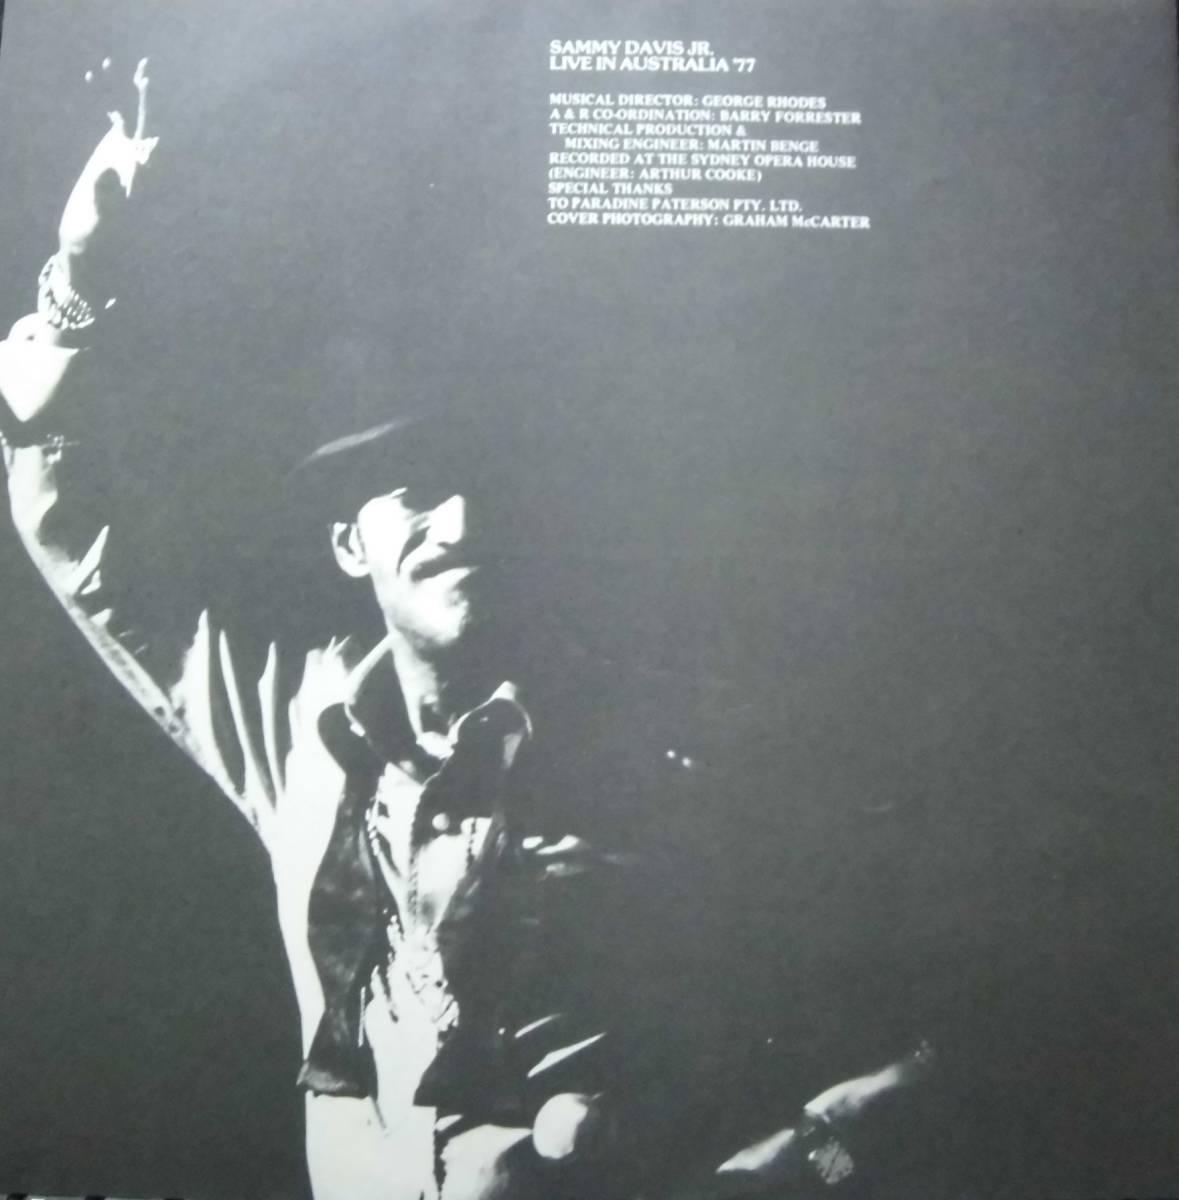 即決初回日本美盤LP/ Sammy Davis Jr. / In Person Australia '77 Live / サミー・デイヴィス・Jr _画像4